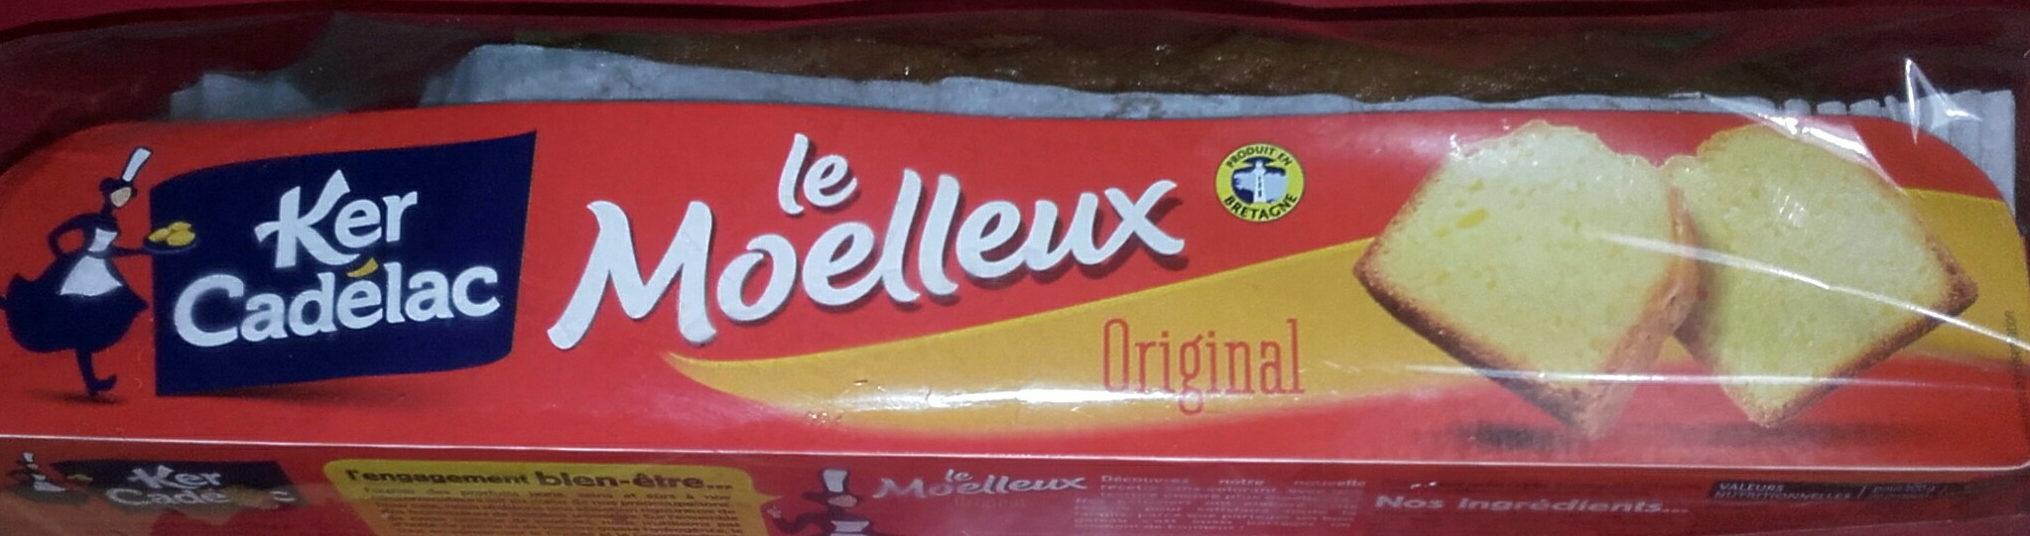 le Moelleux - Product - fr